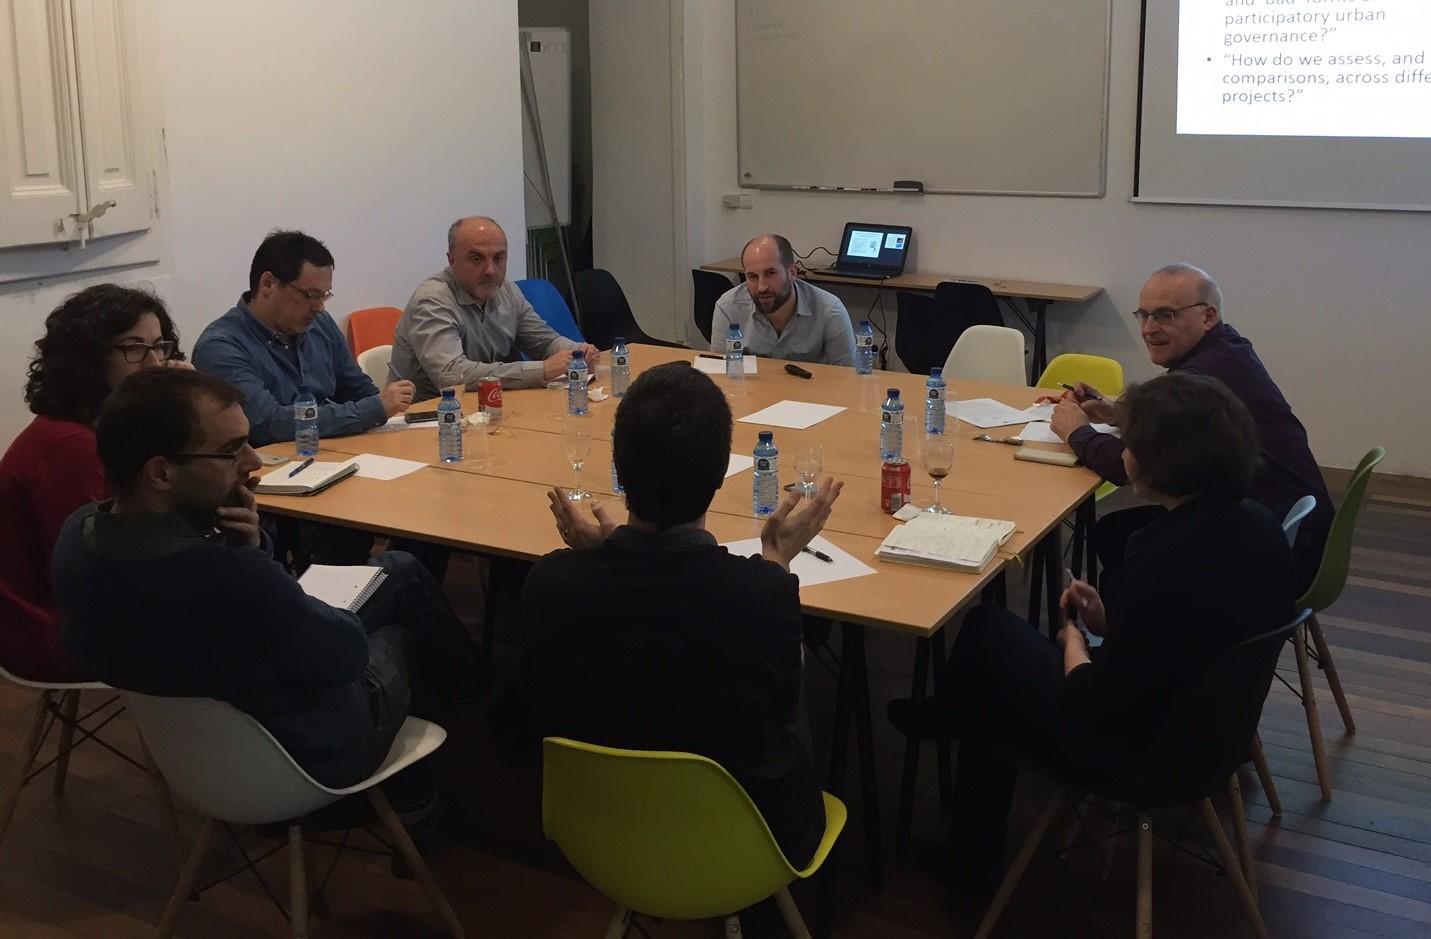 Reunió amb Bertie Russell, doctor i investigador de l?Urban Institute de la Universitat de Sheffield